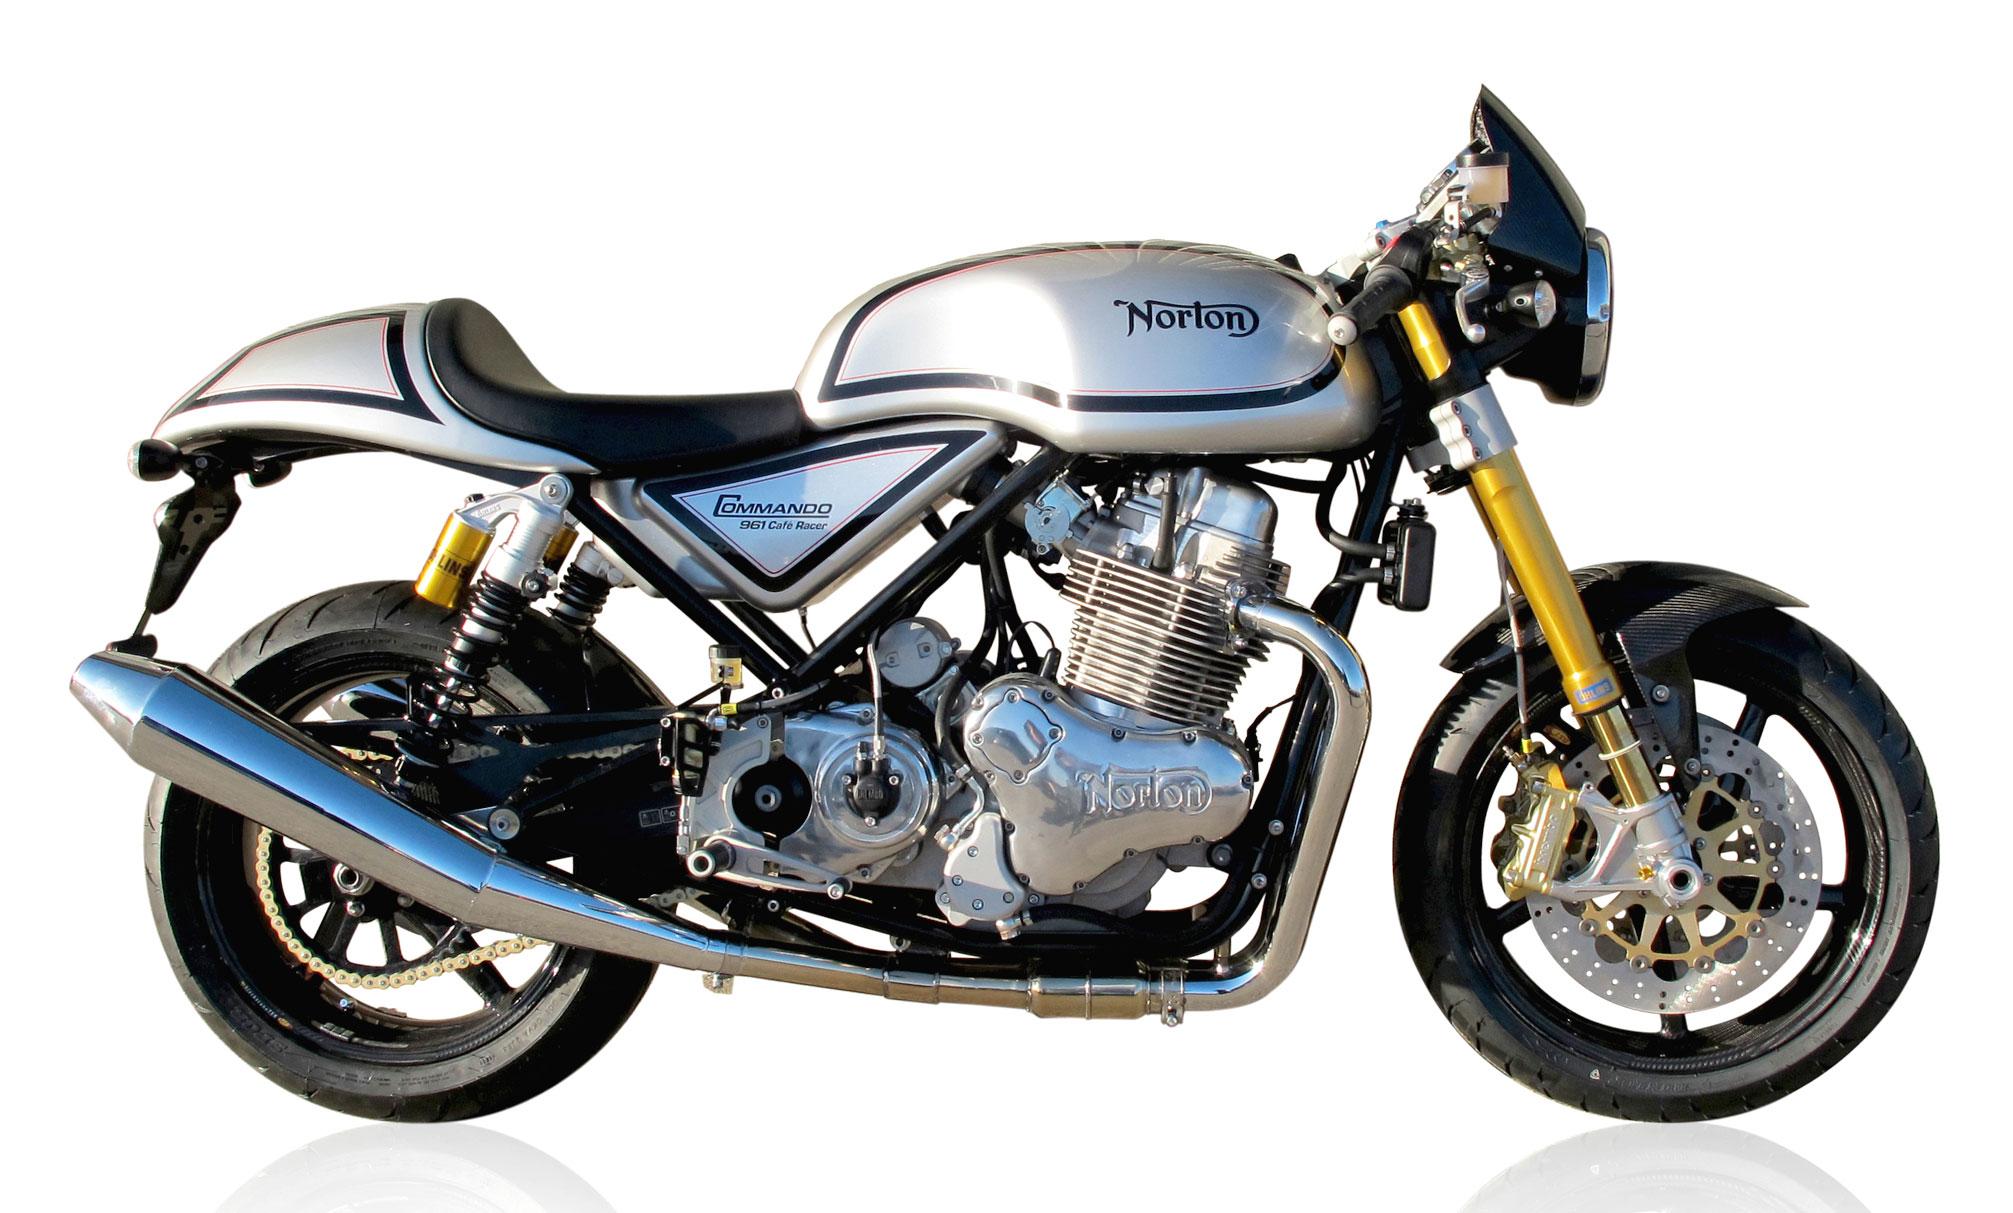 2012 Norton Commando 961 Cafe Racer H Wallpaper